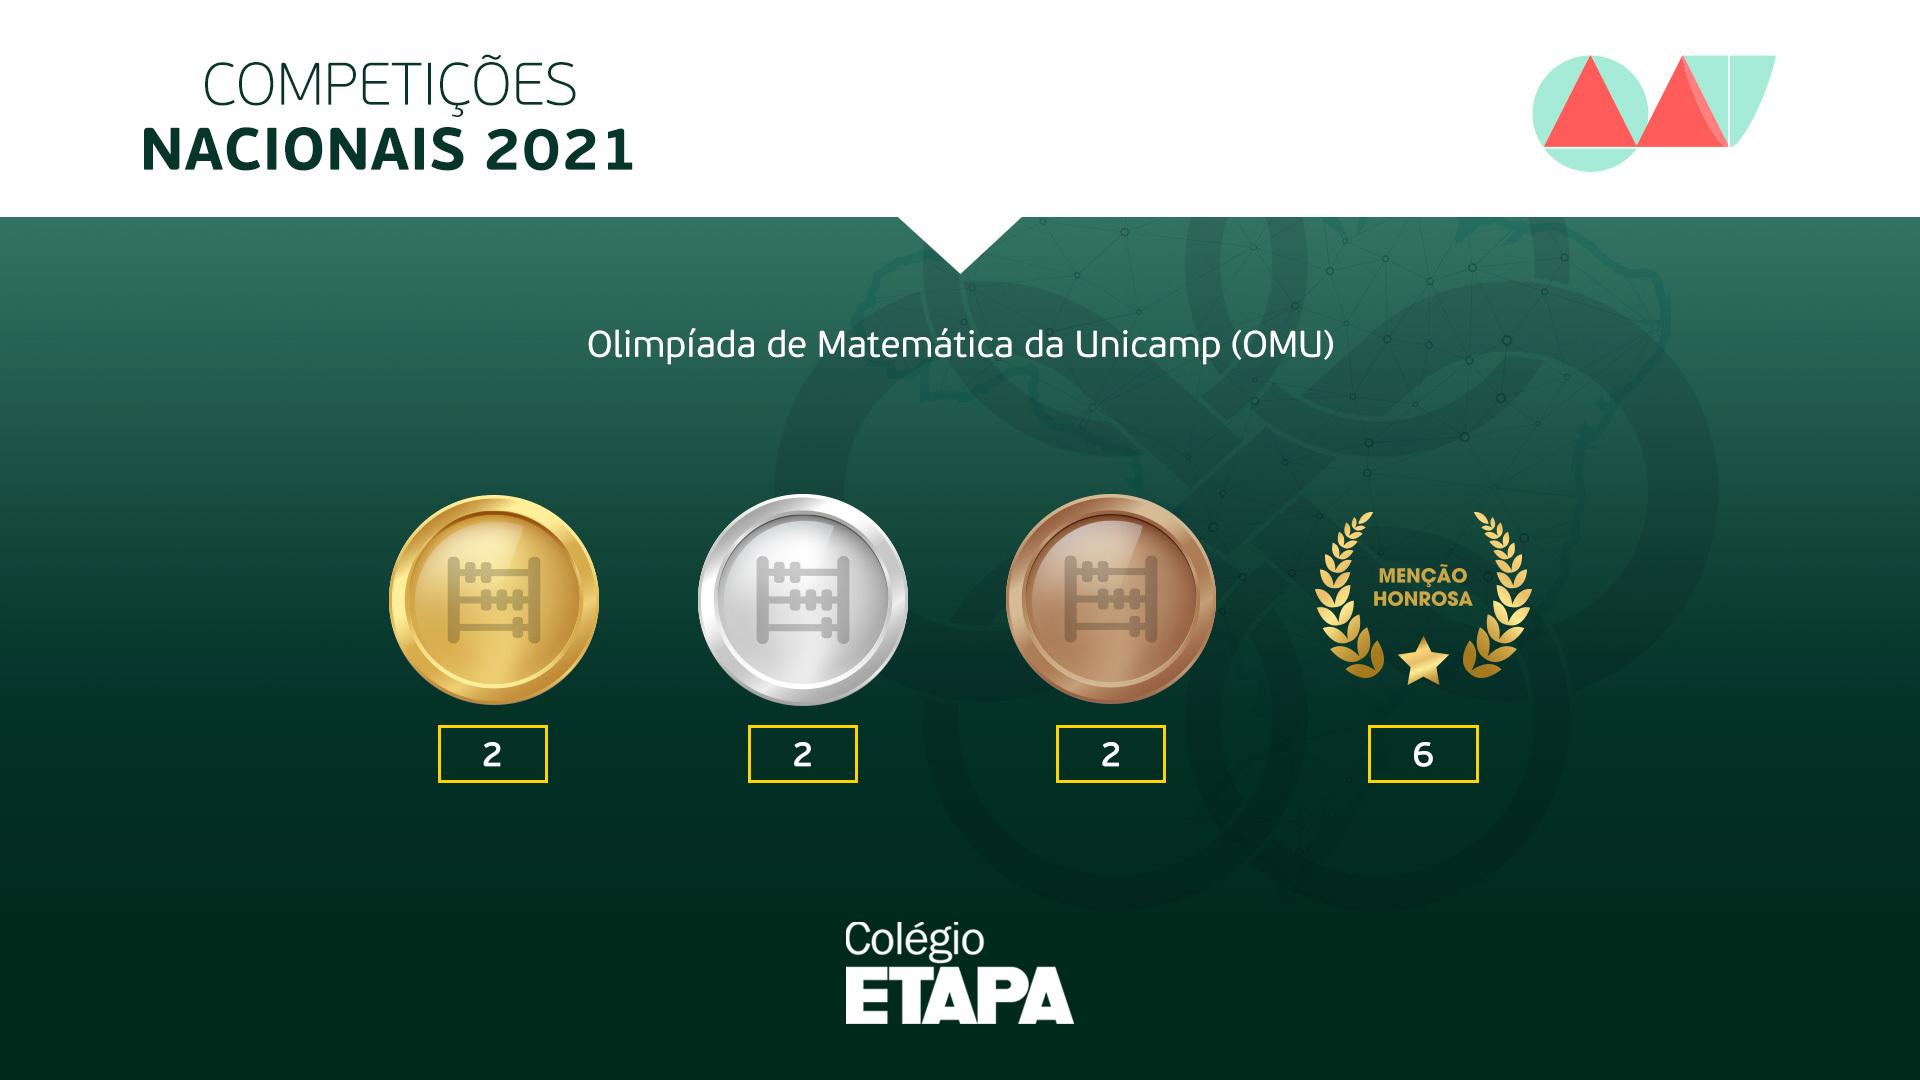 Alunos do Colégio Etapa são premiados na OMU 2021